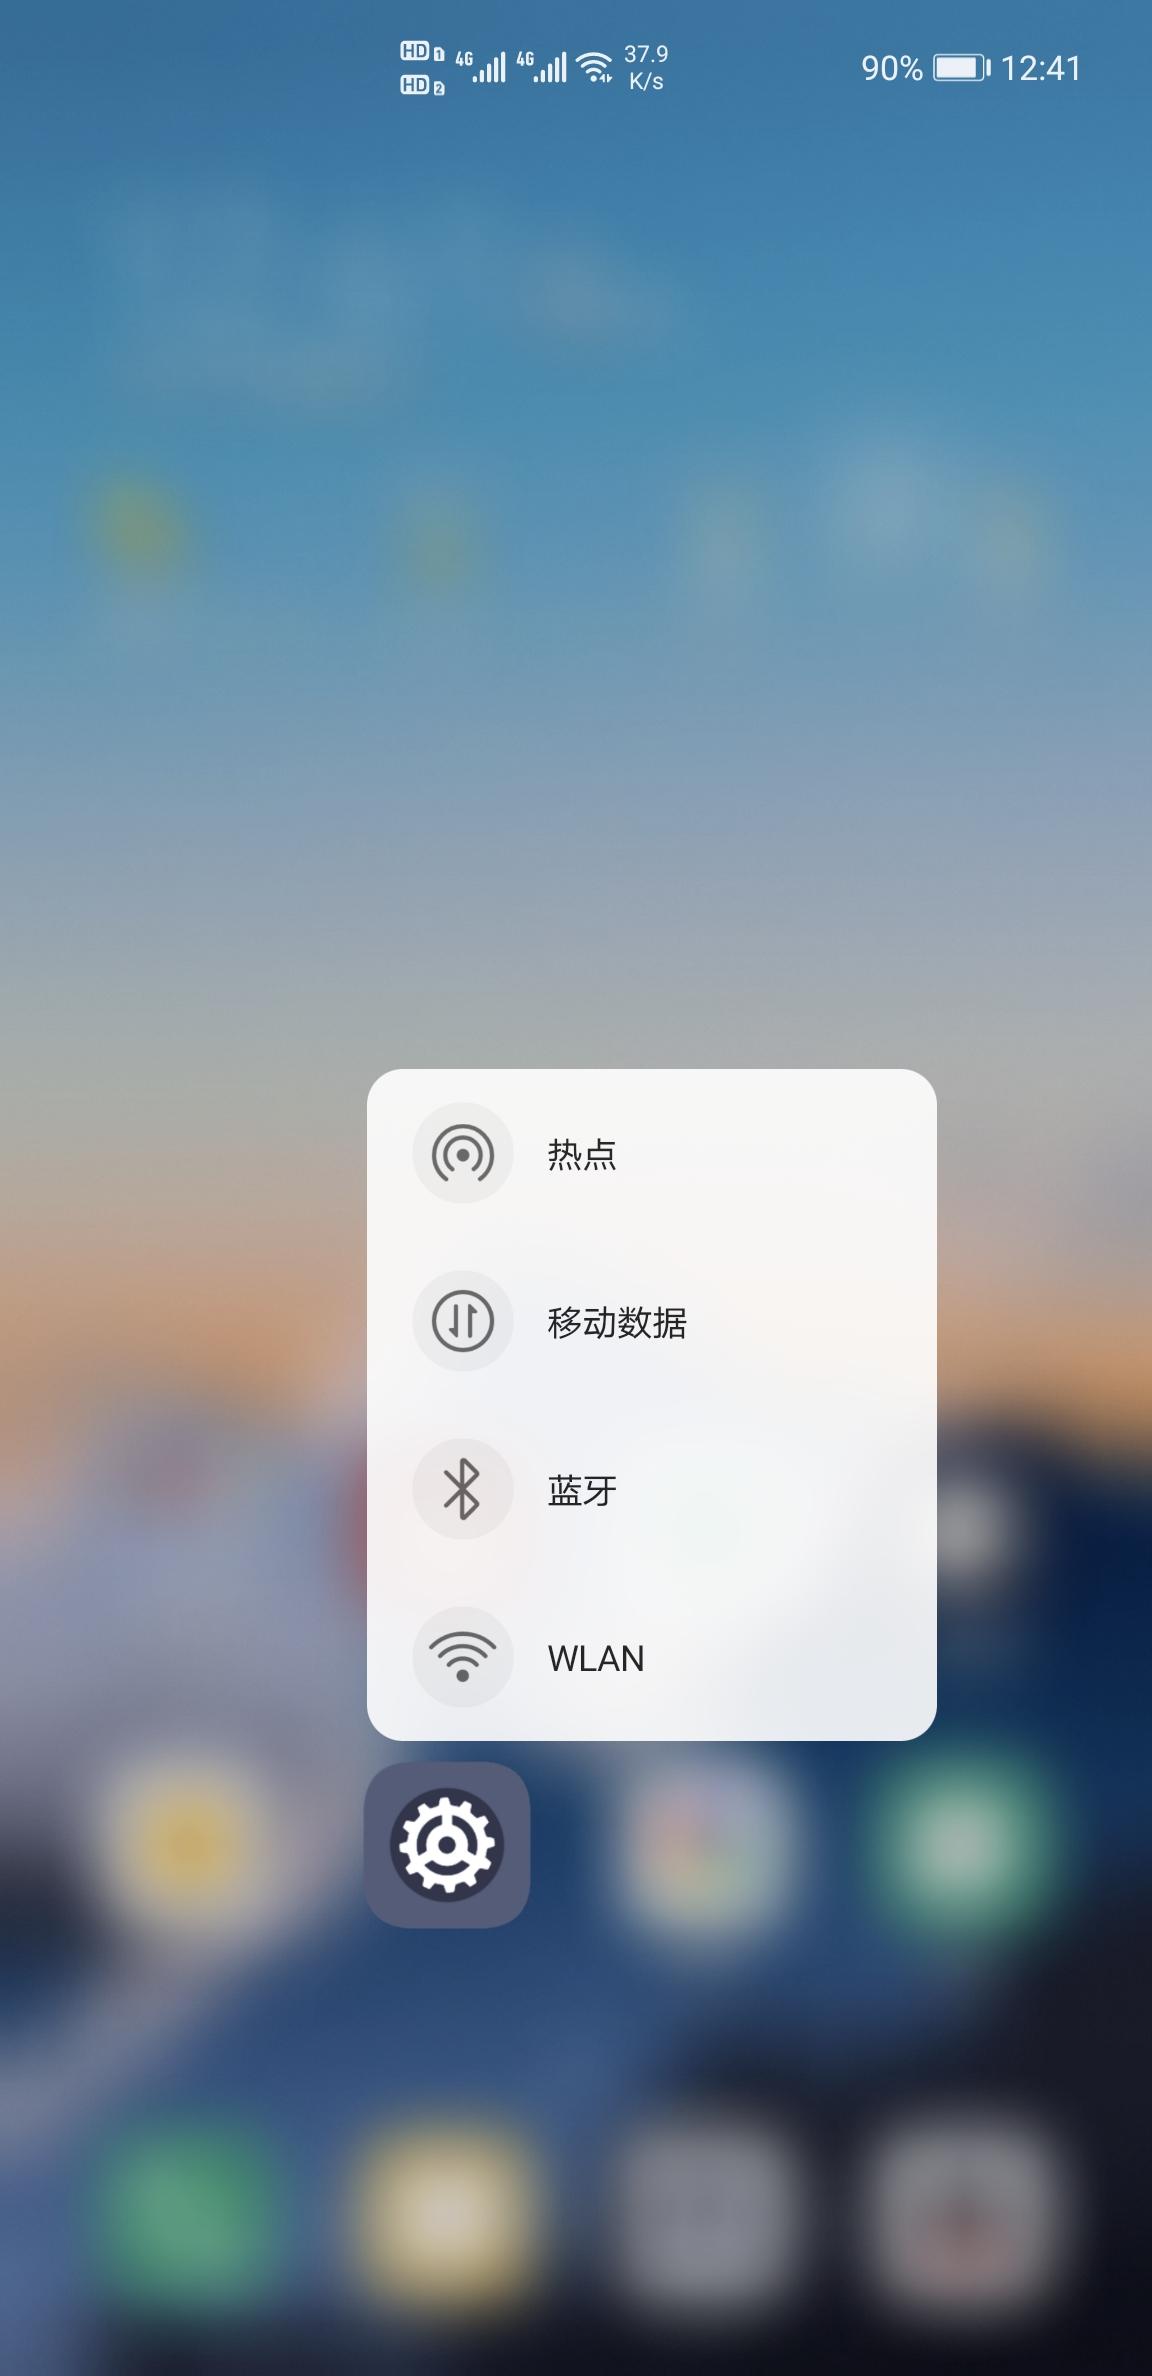 Screenshot_20210112_004129_com.huawei.android.launcher.jpg